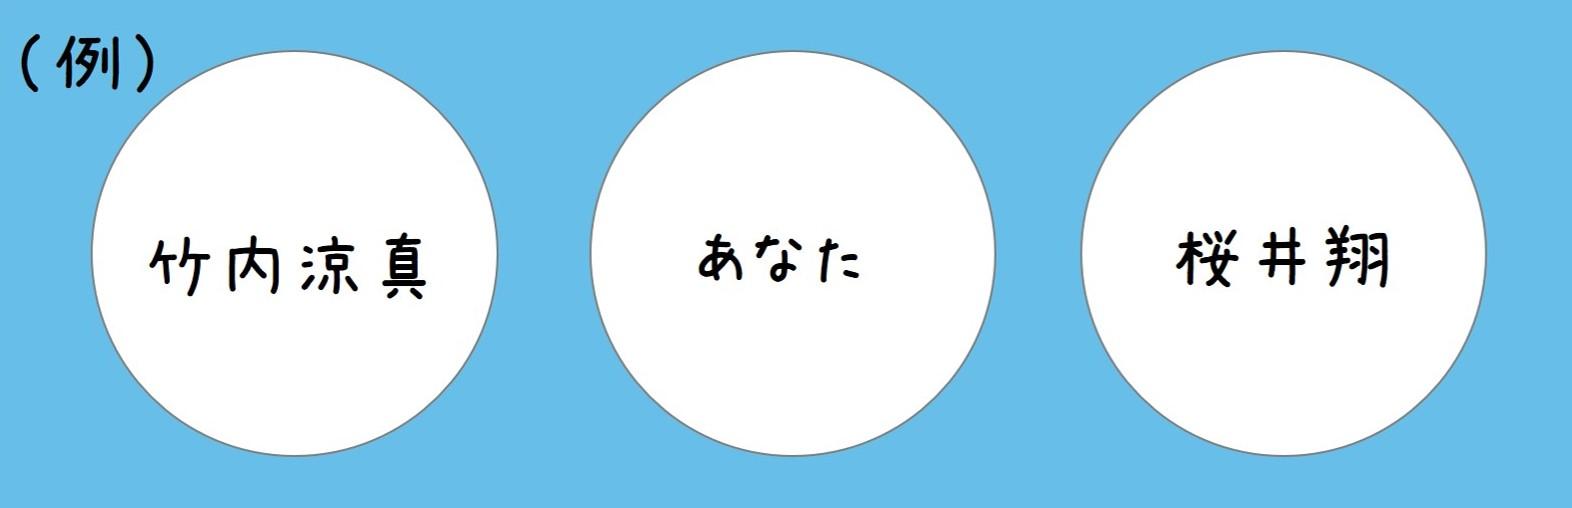 男性例 竹内涼真 あなた 櫻井翔|これが婚活?あなたは3ヶ月後に3人のユニットメンバーとしてデビューします。